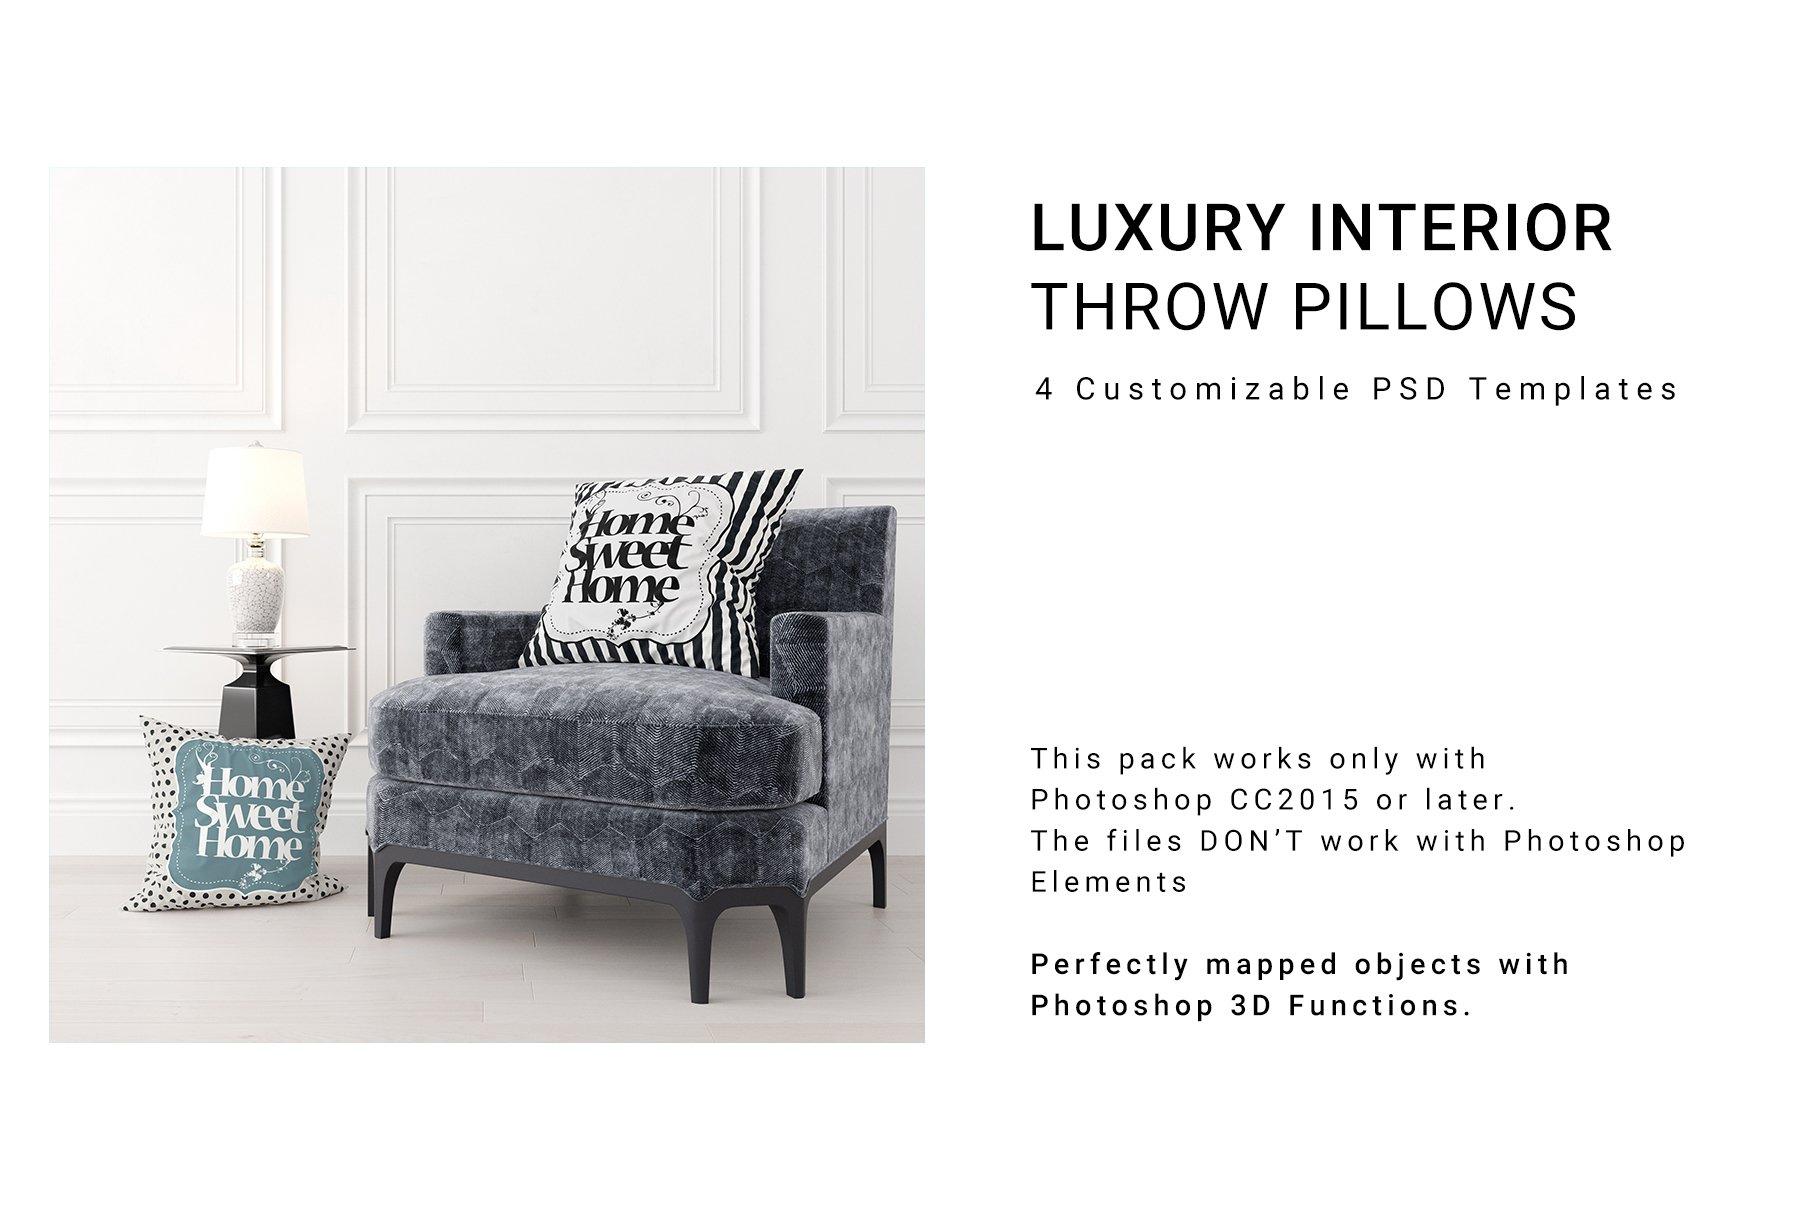 Luxury Interior Throw Pillows Set example image 1